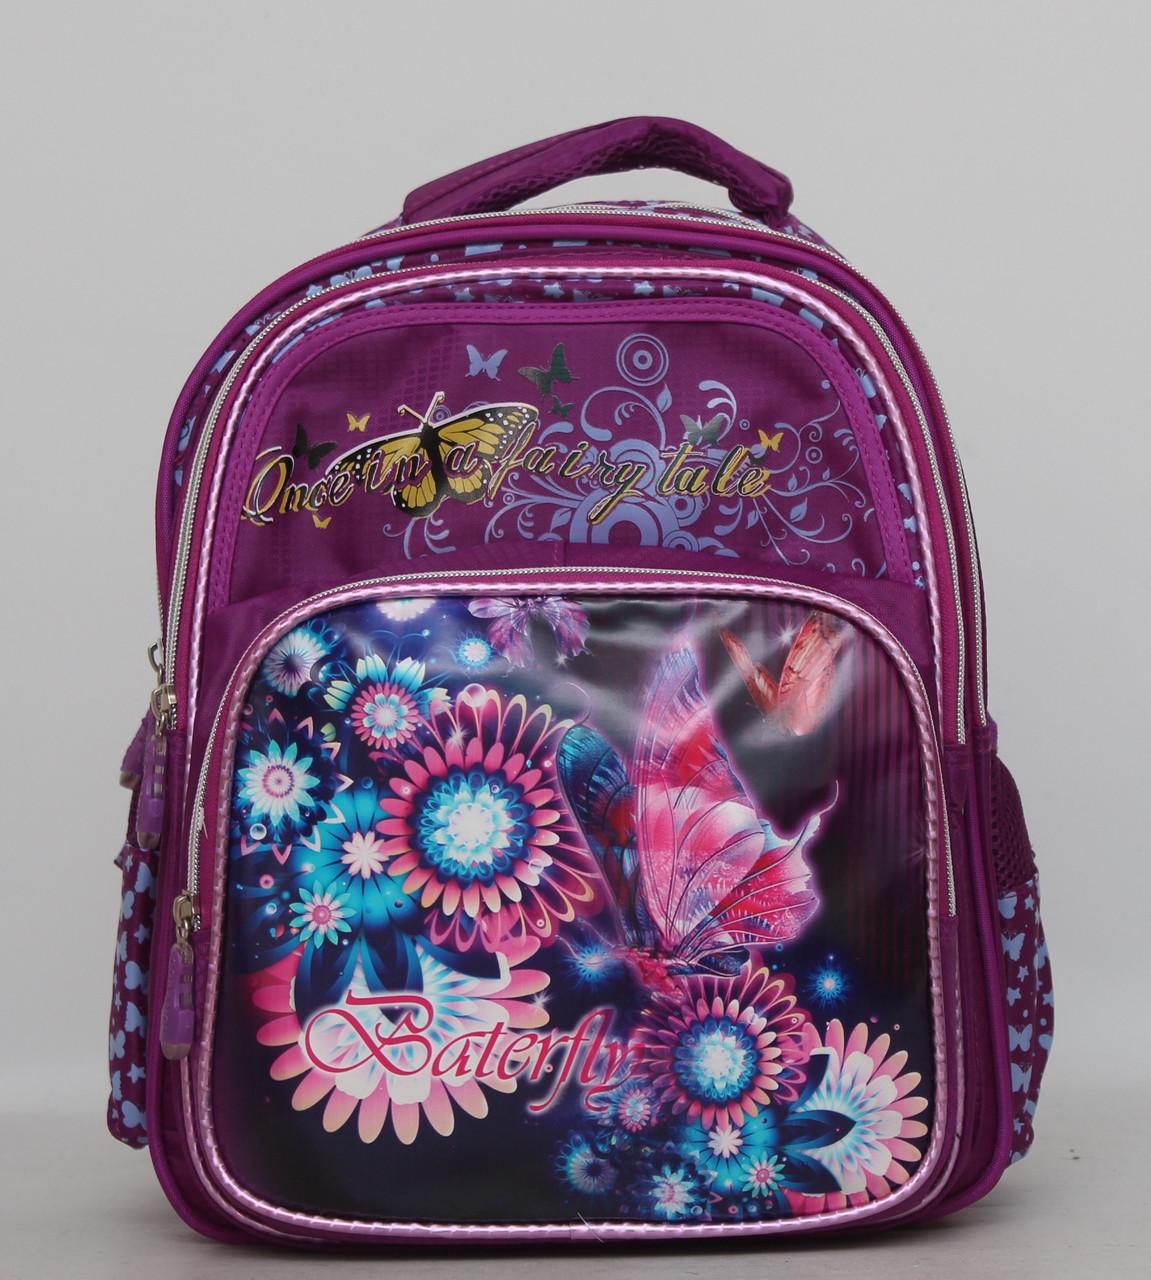 Детский рюкзак для девочки. Рюкзак для школы. Ортопедическая спинка. Хорошее качество. Купить. Код: КДН566